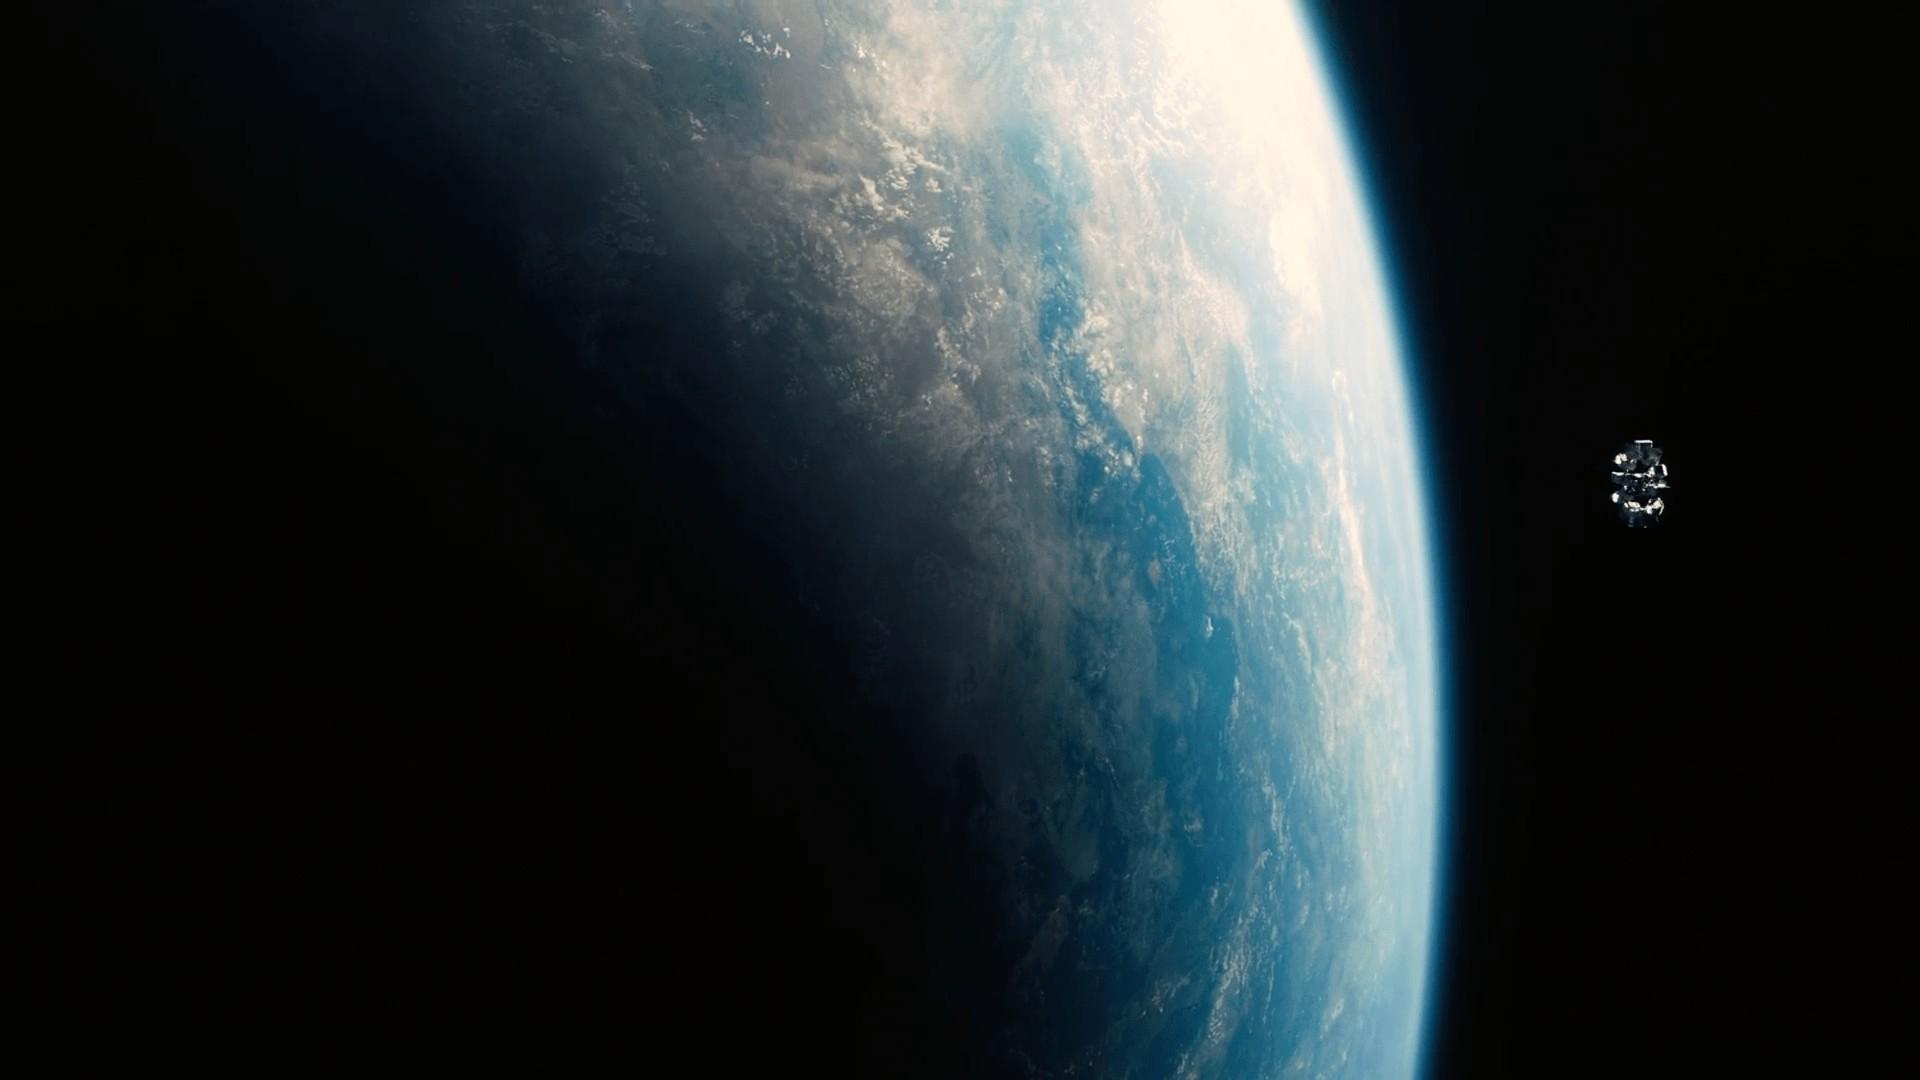 Interstellar Desktop wallpaper